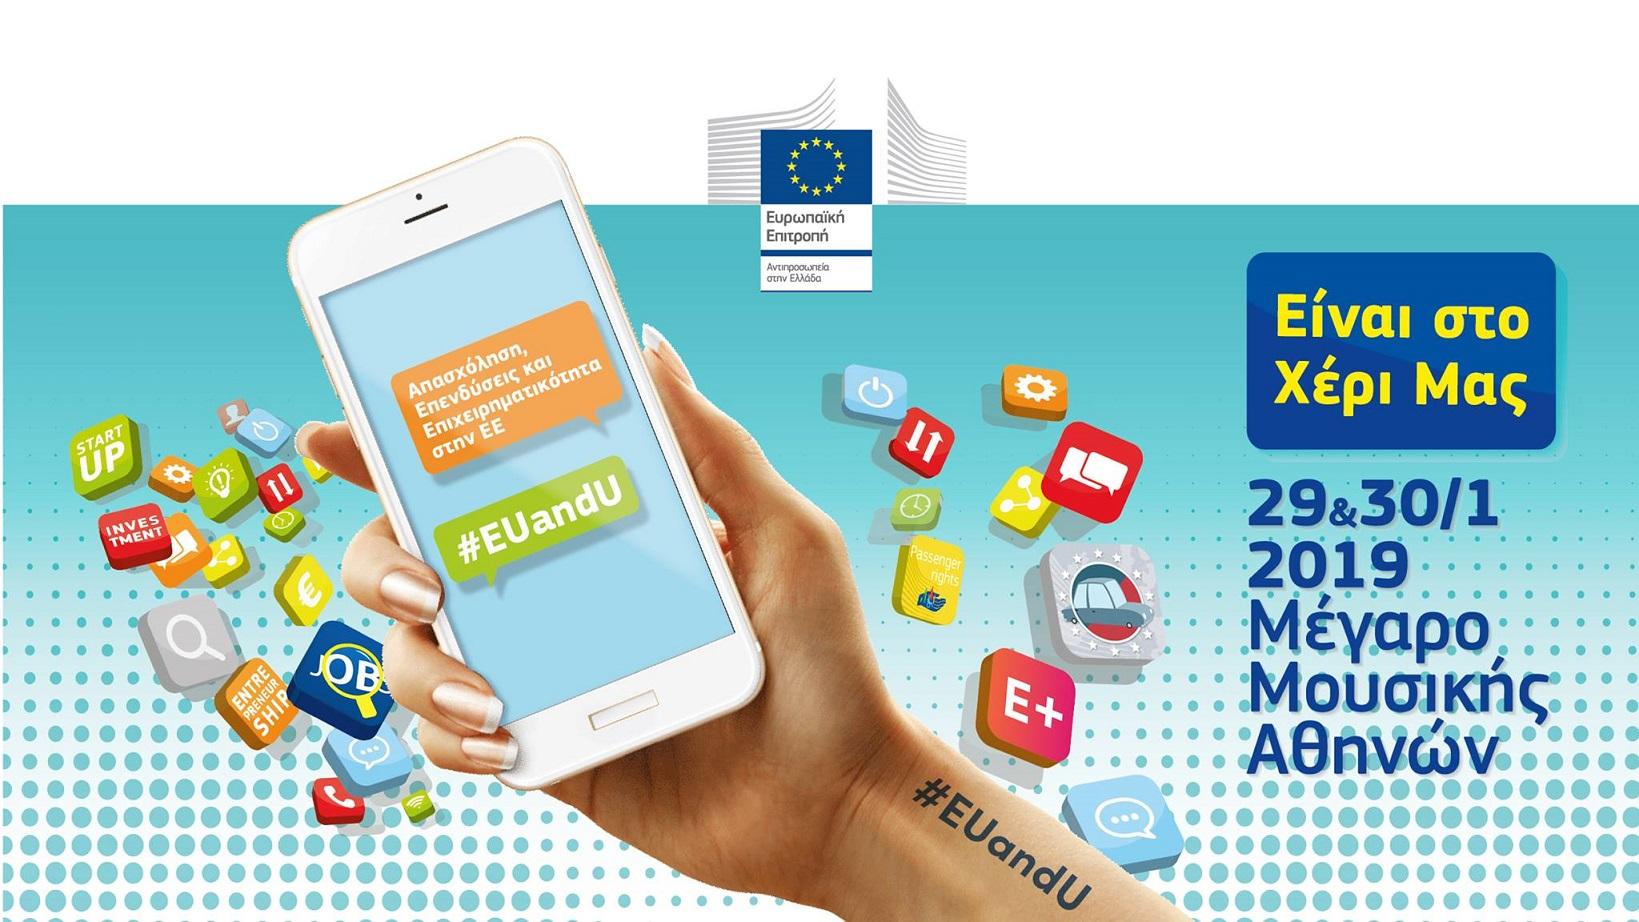 Ευρωπαϊκή Επιτροπή στην ΕλλάδαEUandU Απασχόληση – Επενδύσεις & Επιχειρηματικότητα στην Ε.Ε.